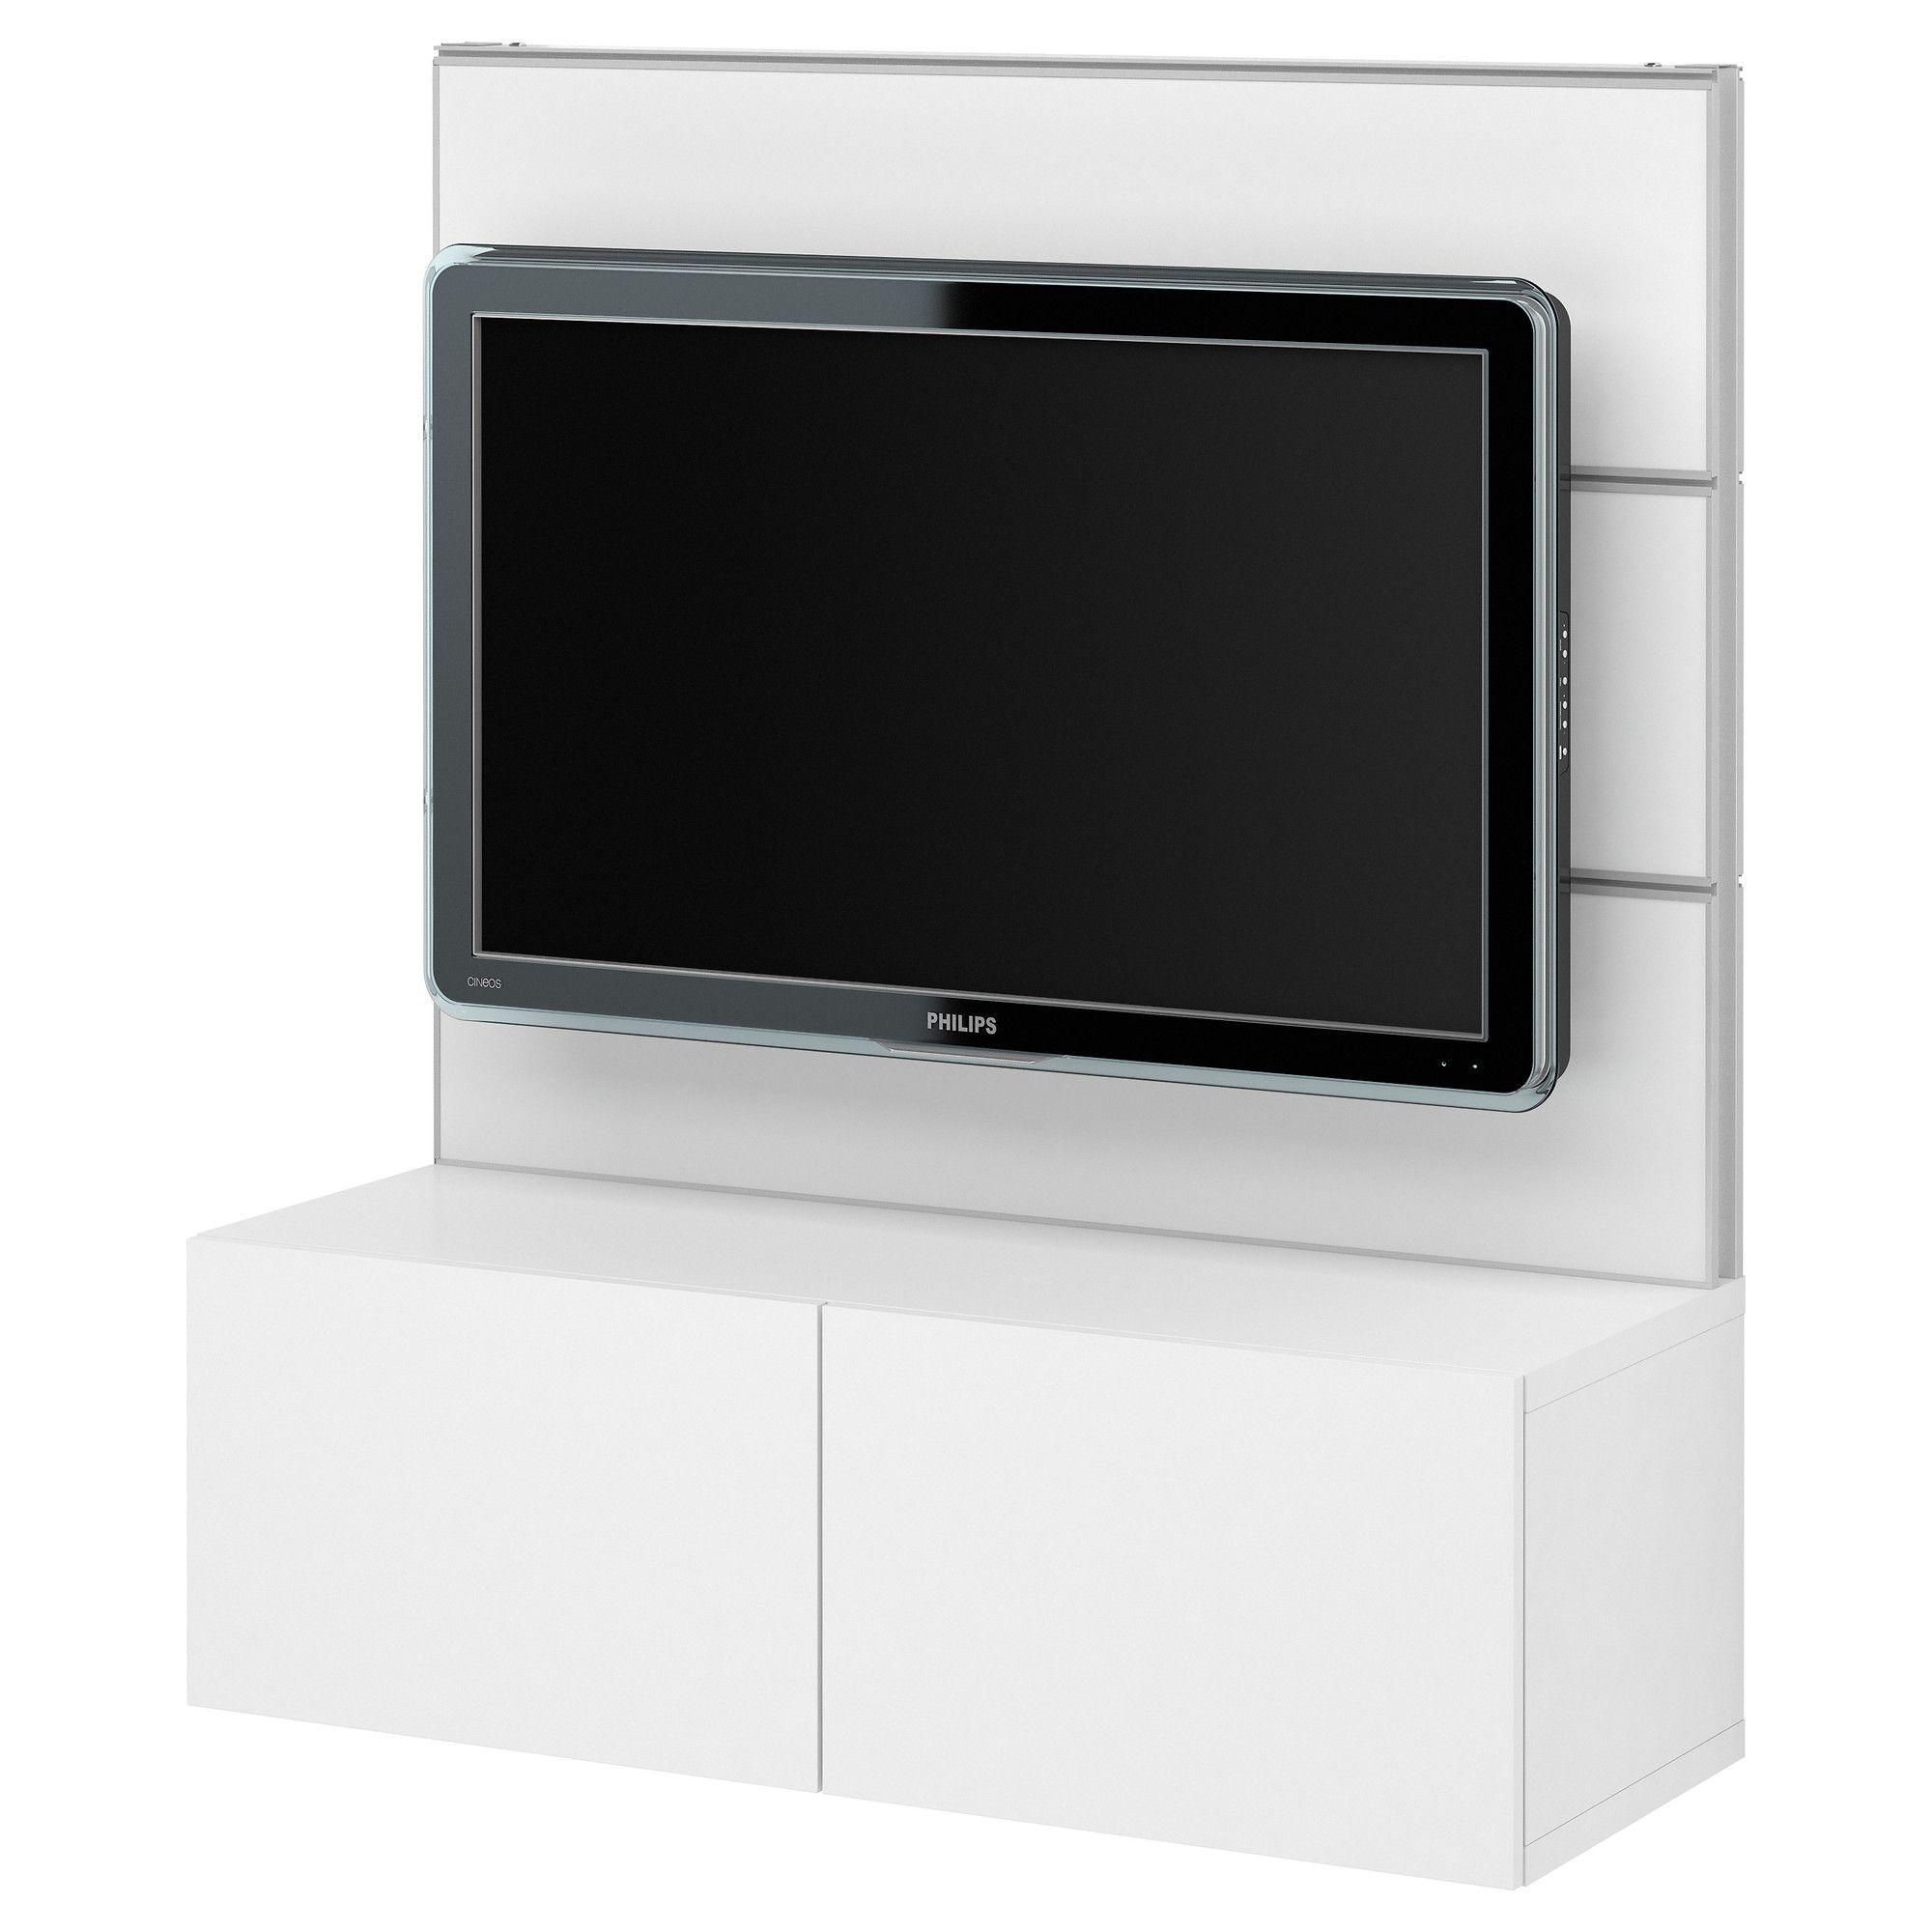 Best 197 Framst 197 Soluzione Tv Elemento Contenitore Bianco